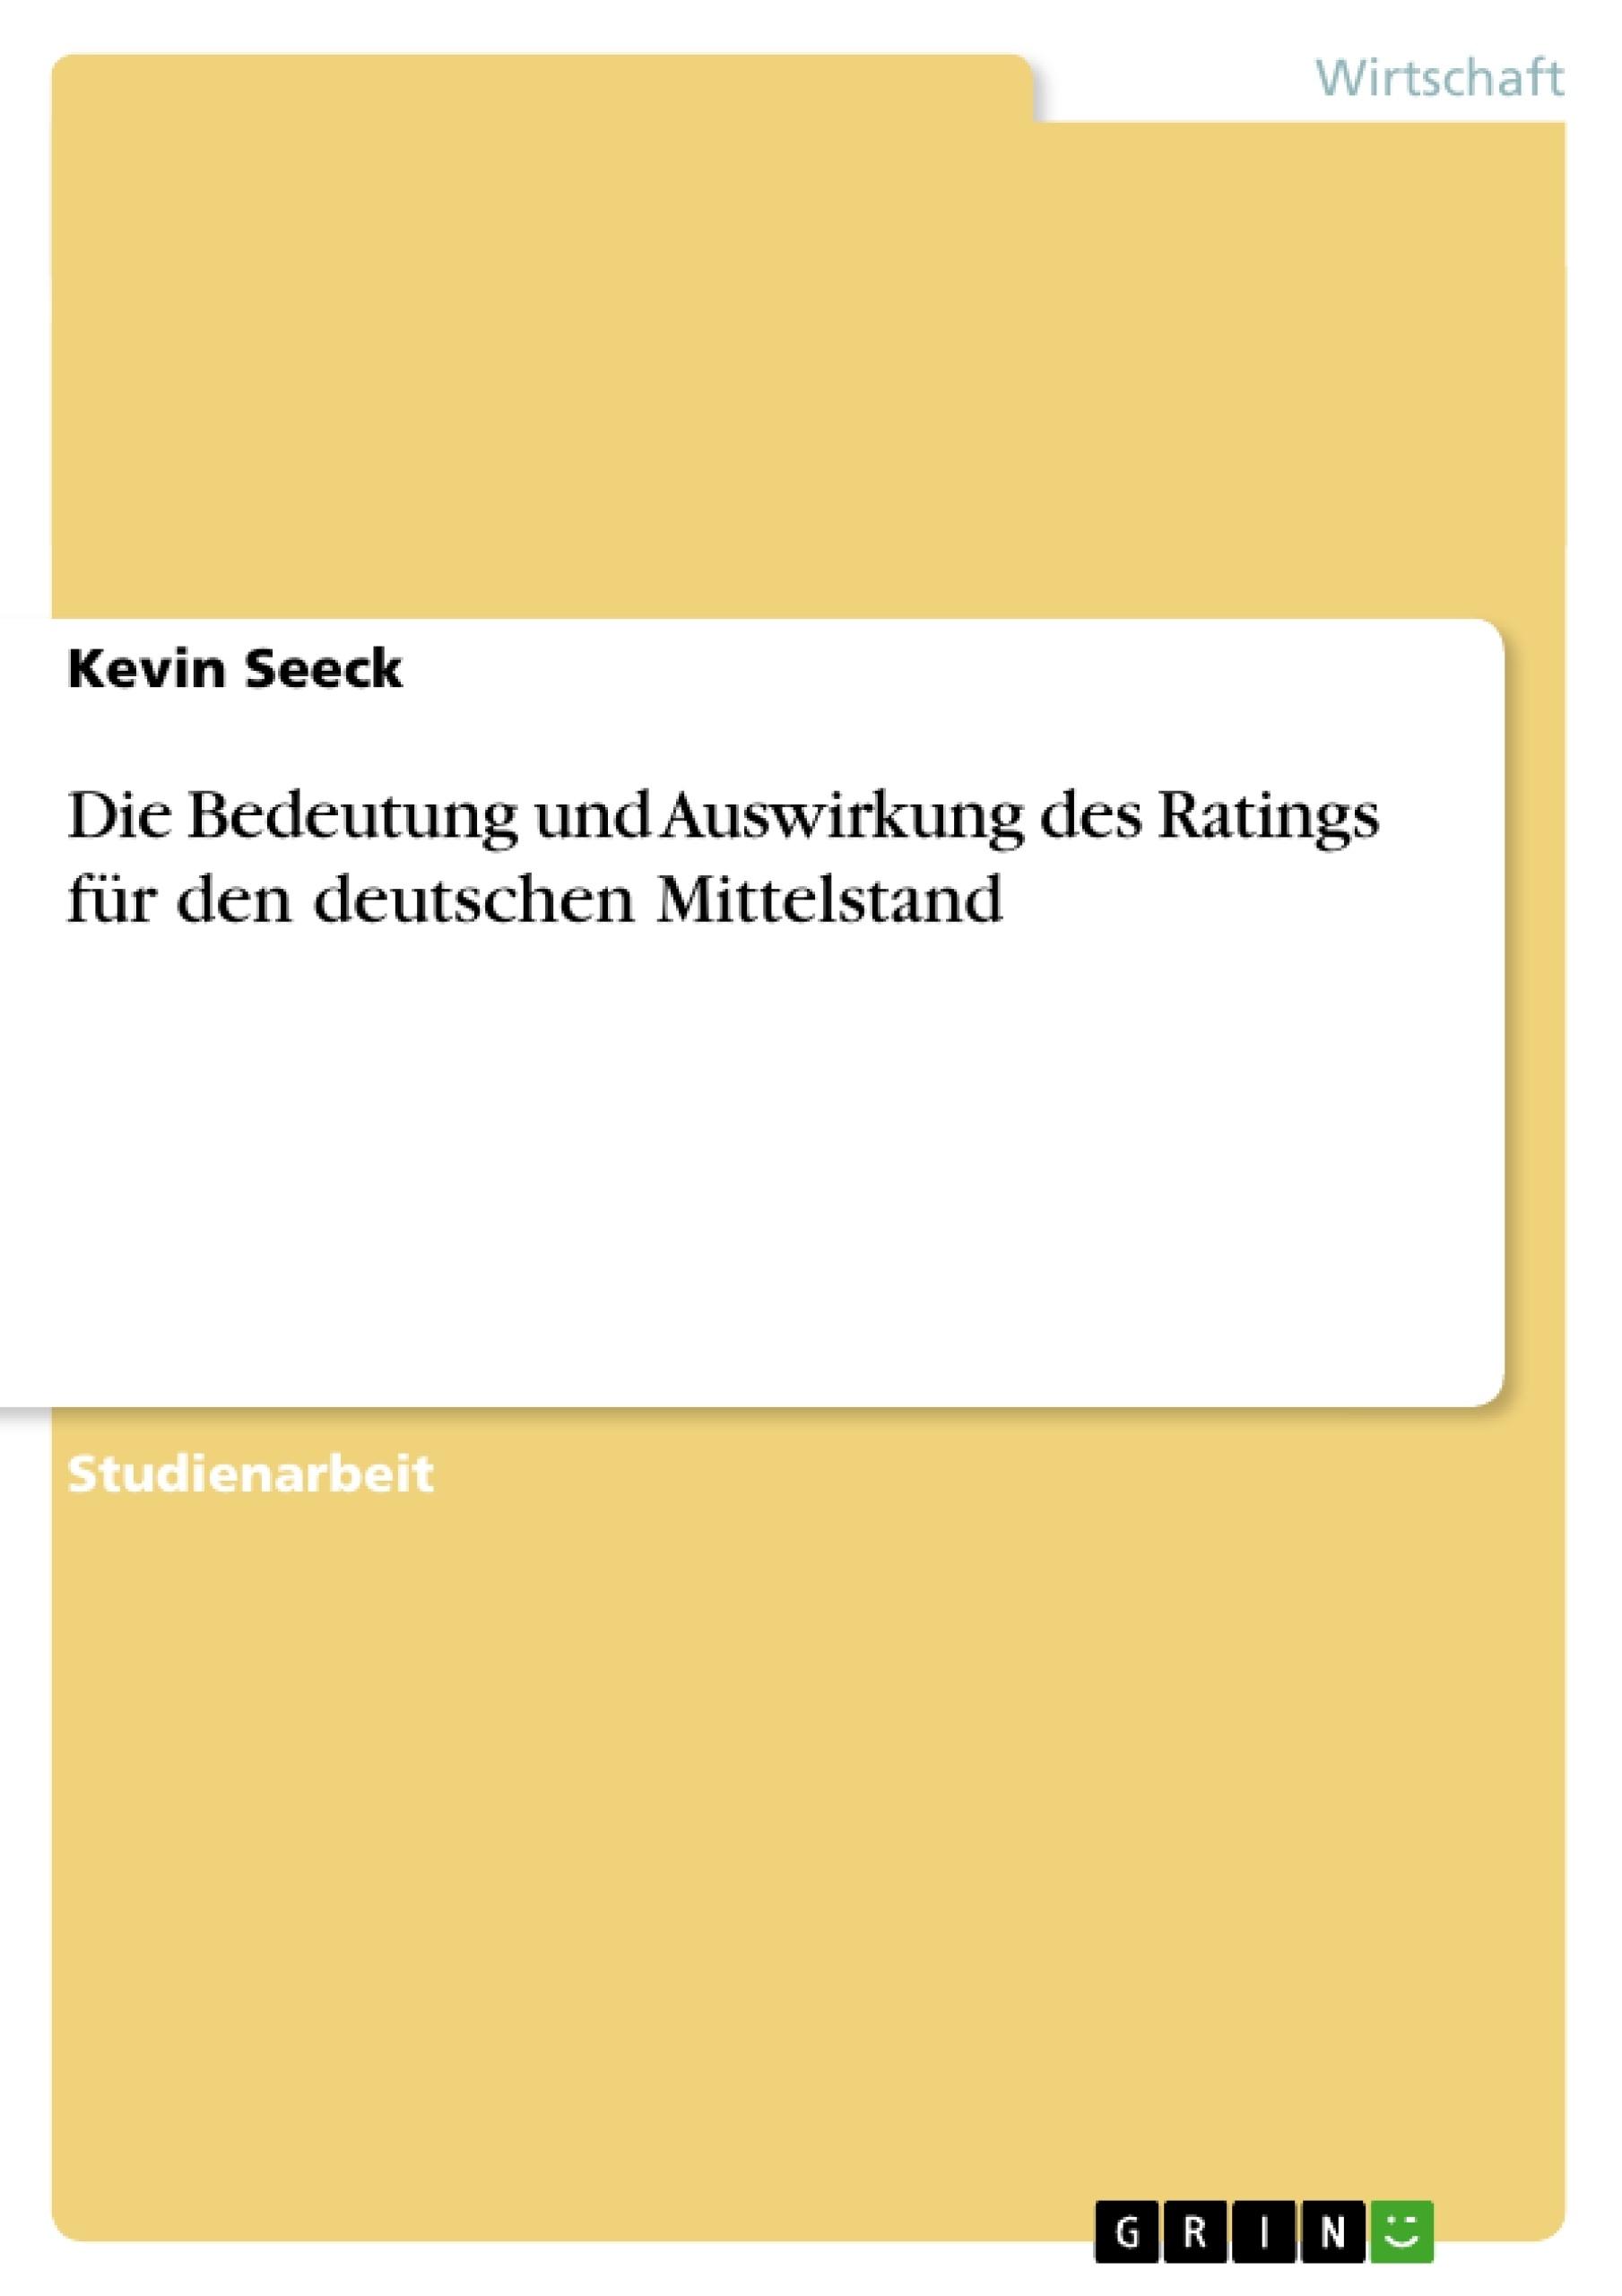 Titel: Die Bedeutung und Auswirkung des Ratings für den deutschen Mittelstand